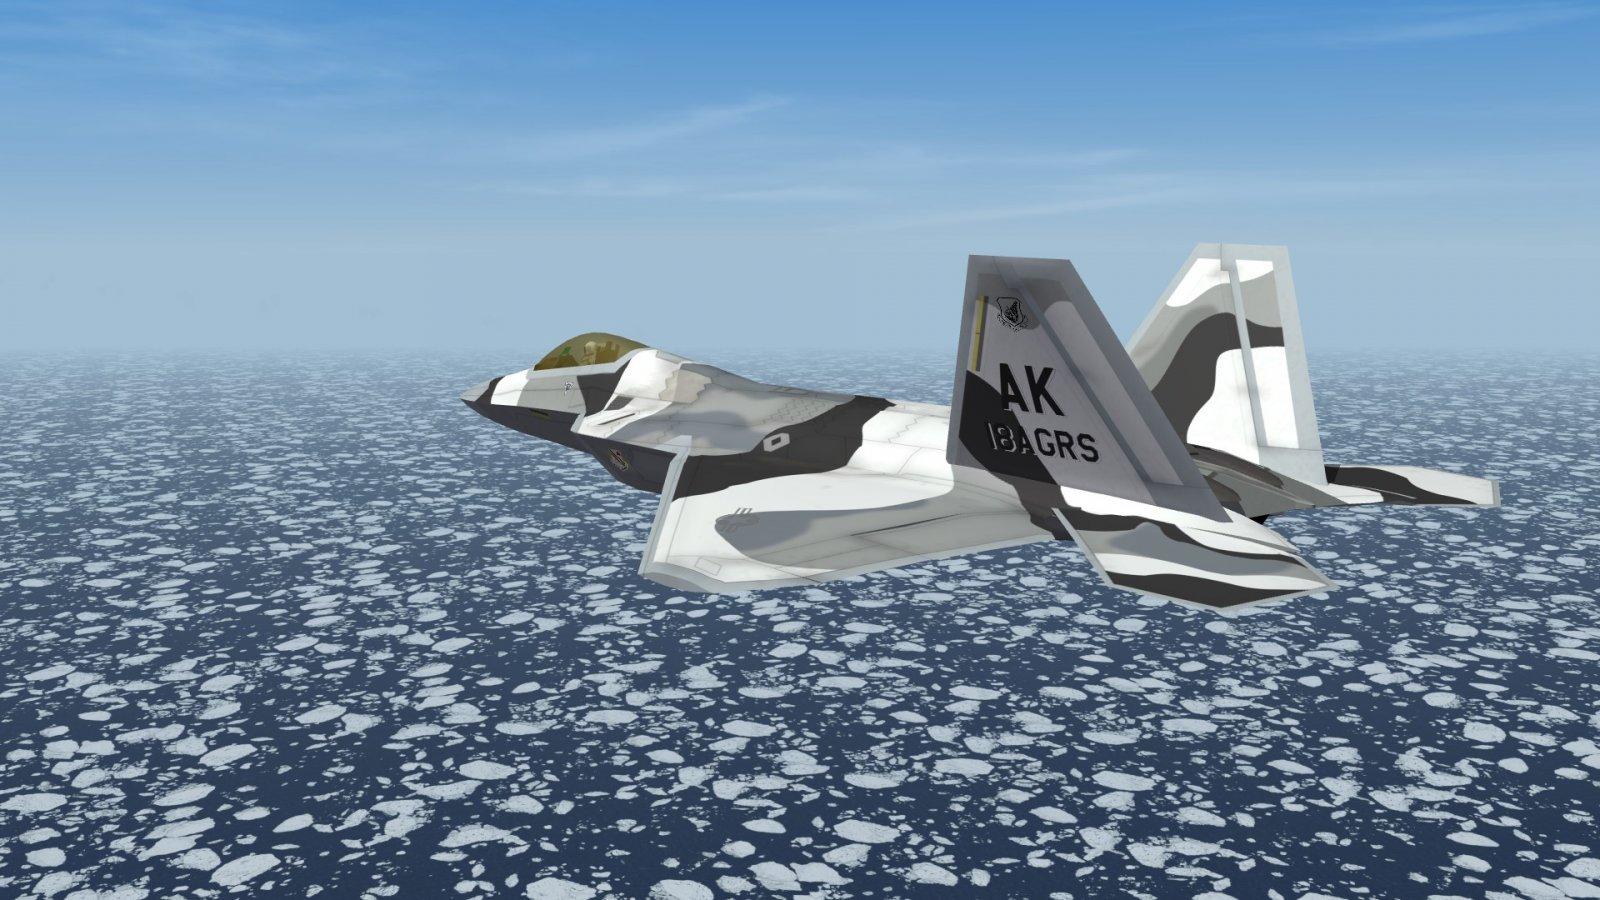 large.5a269339cbfdf_F-22AGRS(7).JPG.b42a03b03caa69490d5bf2b3eeccfae5.JPG